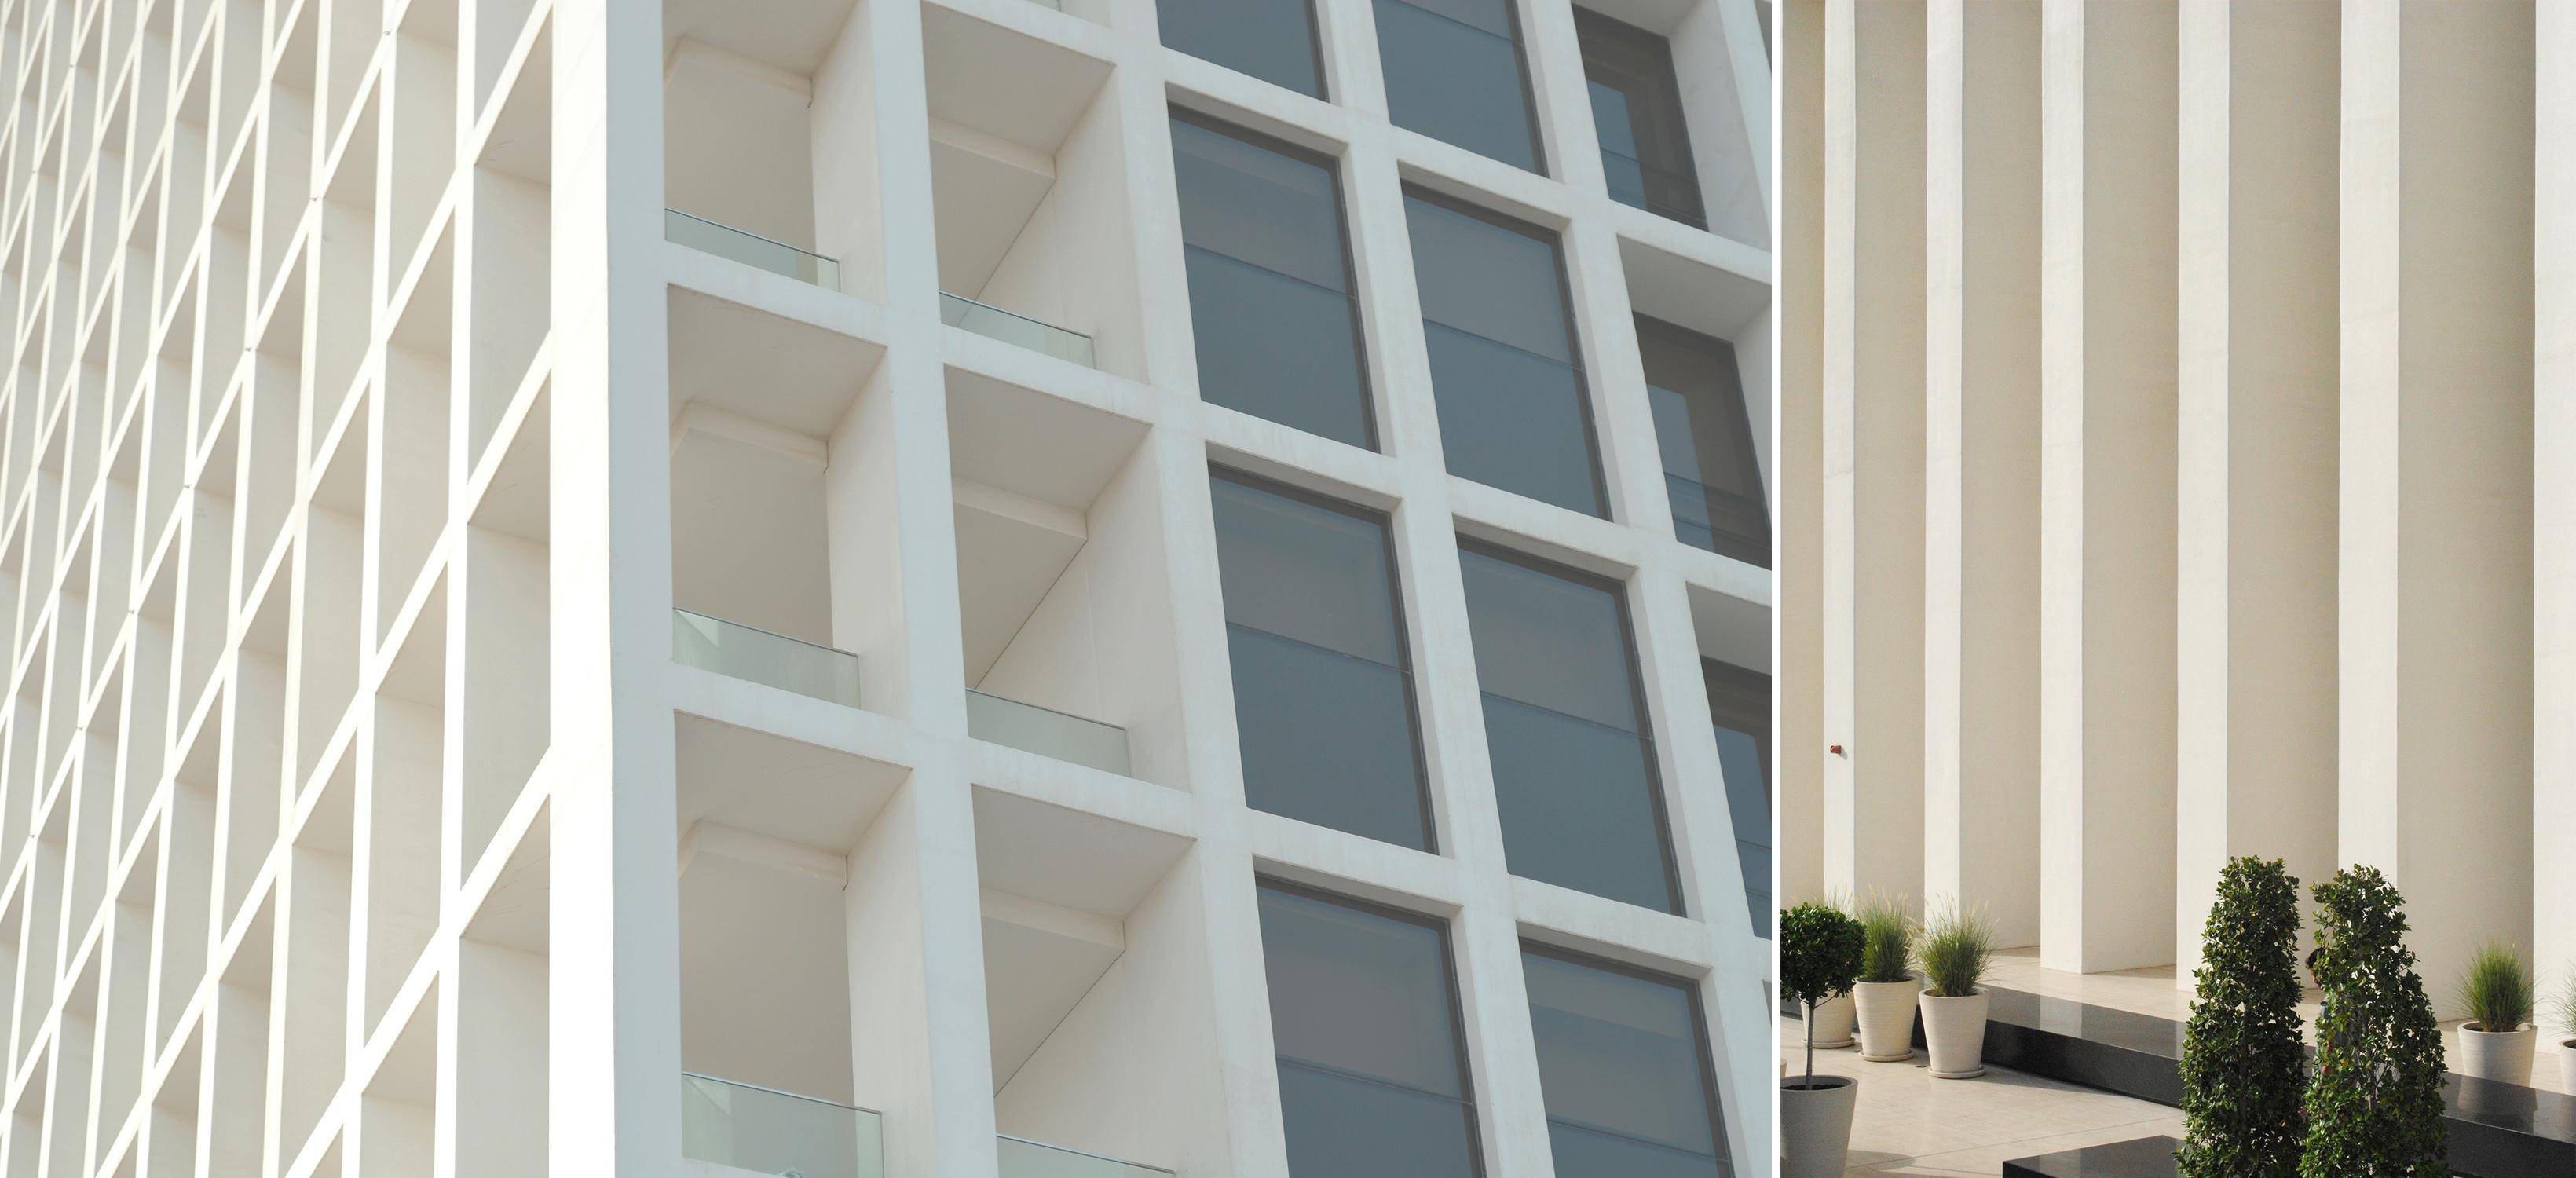 22 cest le nombre détages quelle comptabilise proposant à chacun un appartement penthouse de pas moins de 445m2 on vous partage le plan trouvé sur le